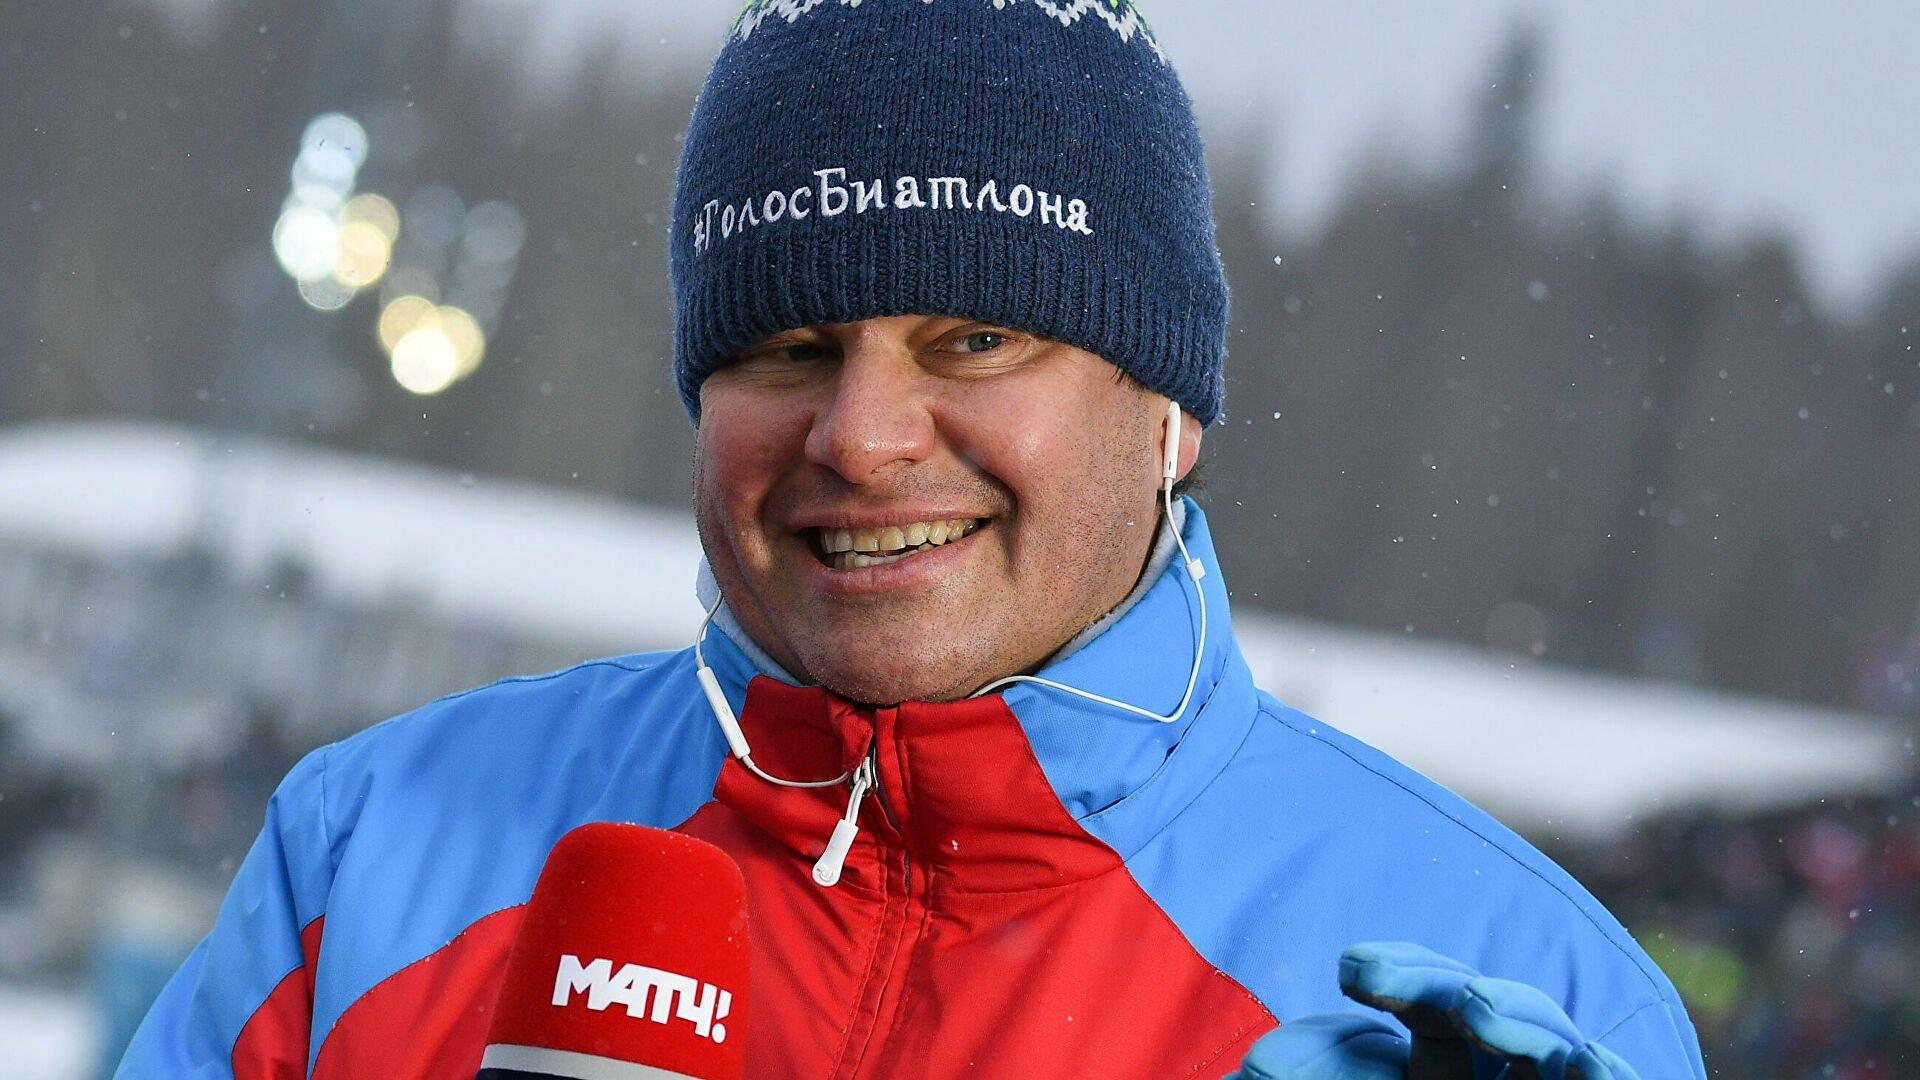 Губерниев сообщил о переносе последних гонок на заключительном этапе Кубка мира в Эстерсунде